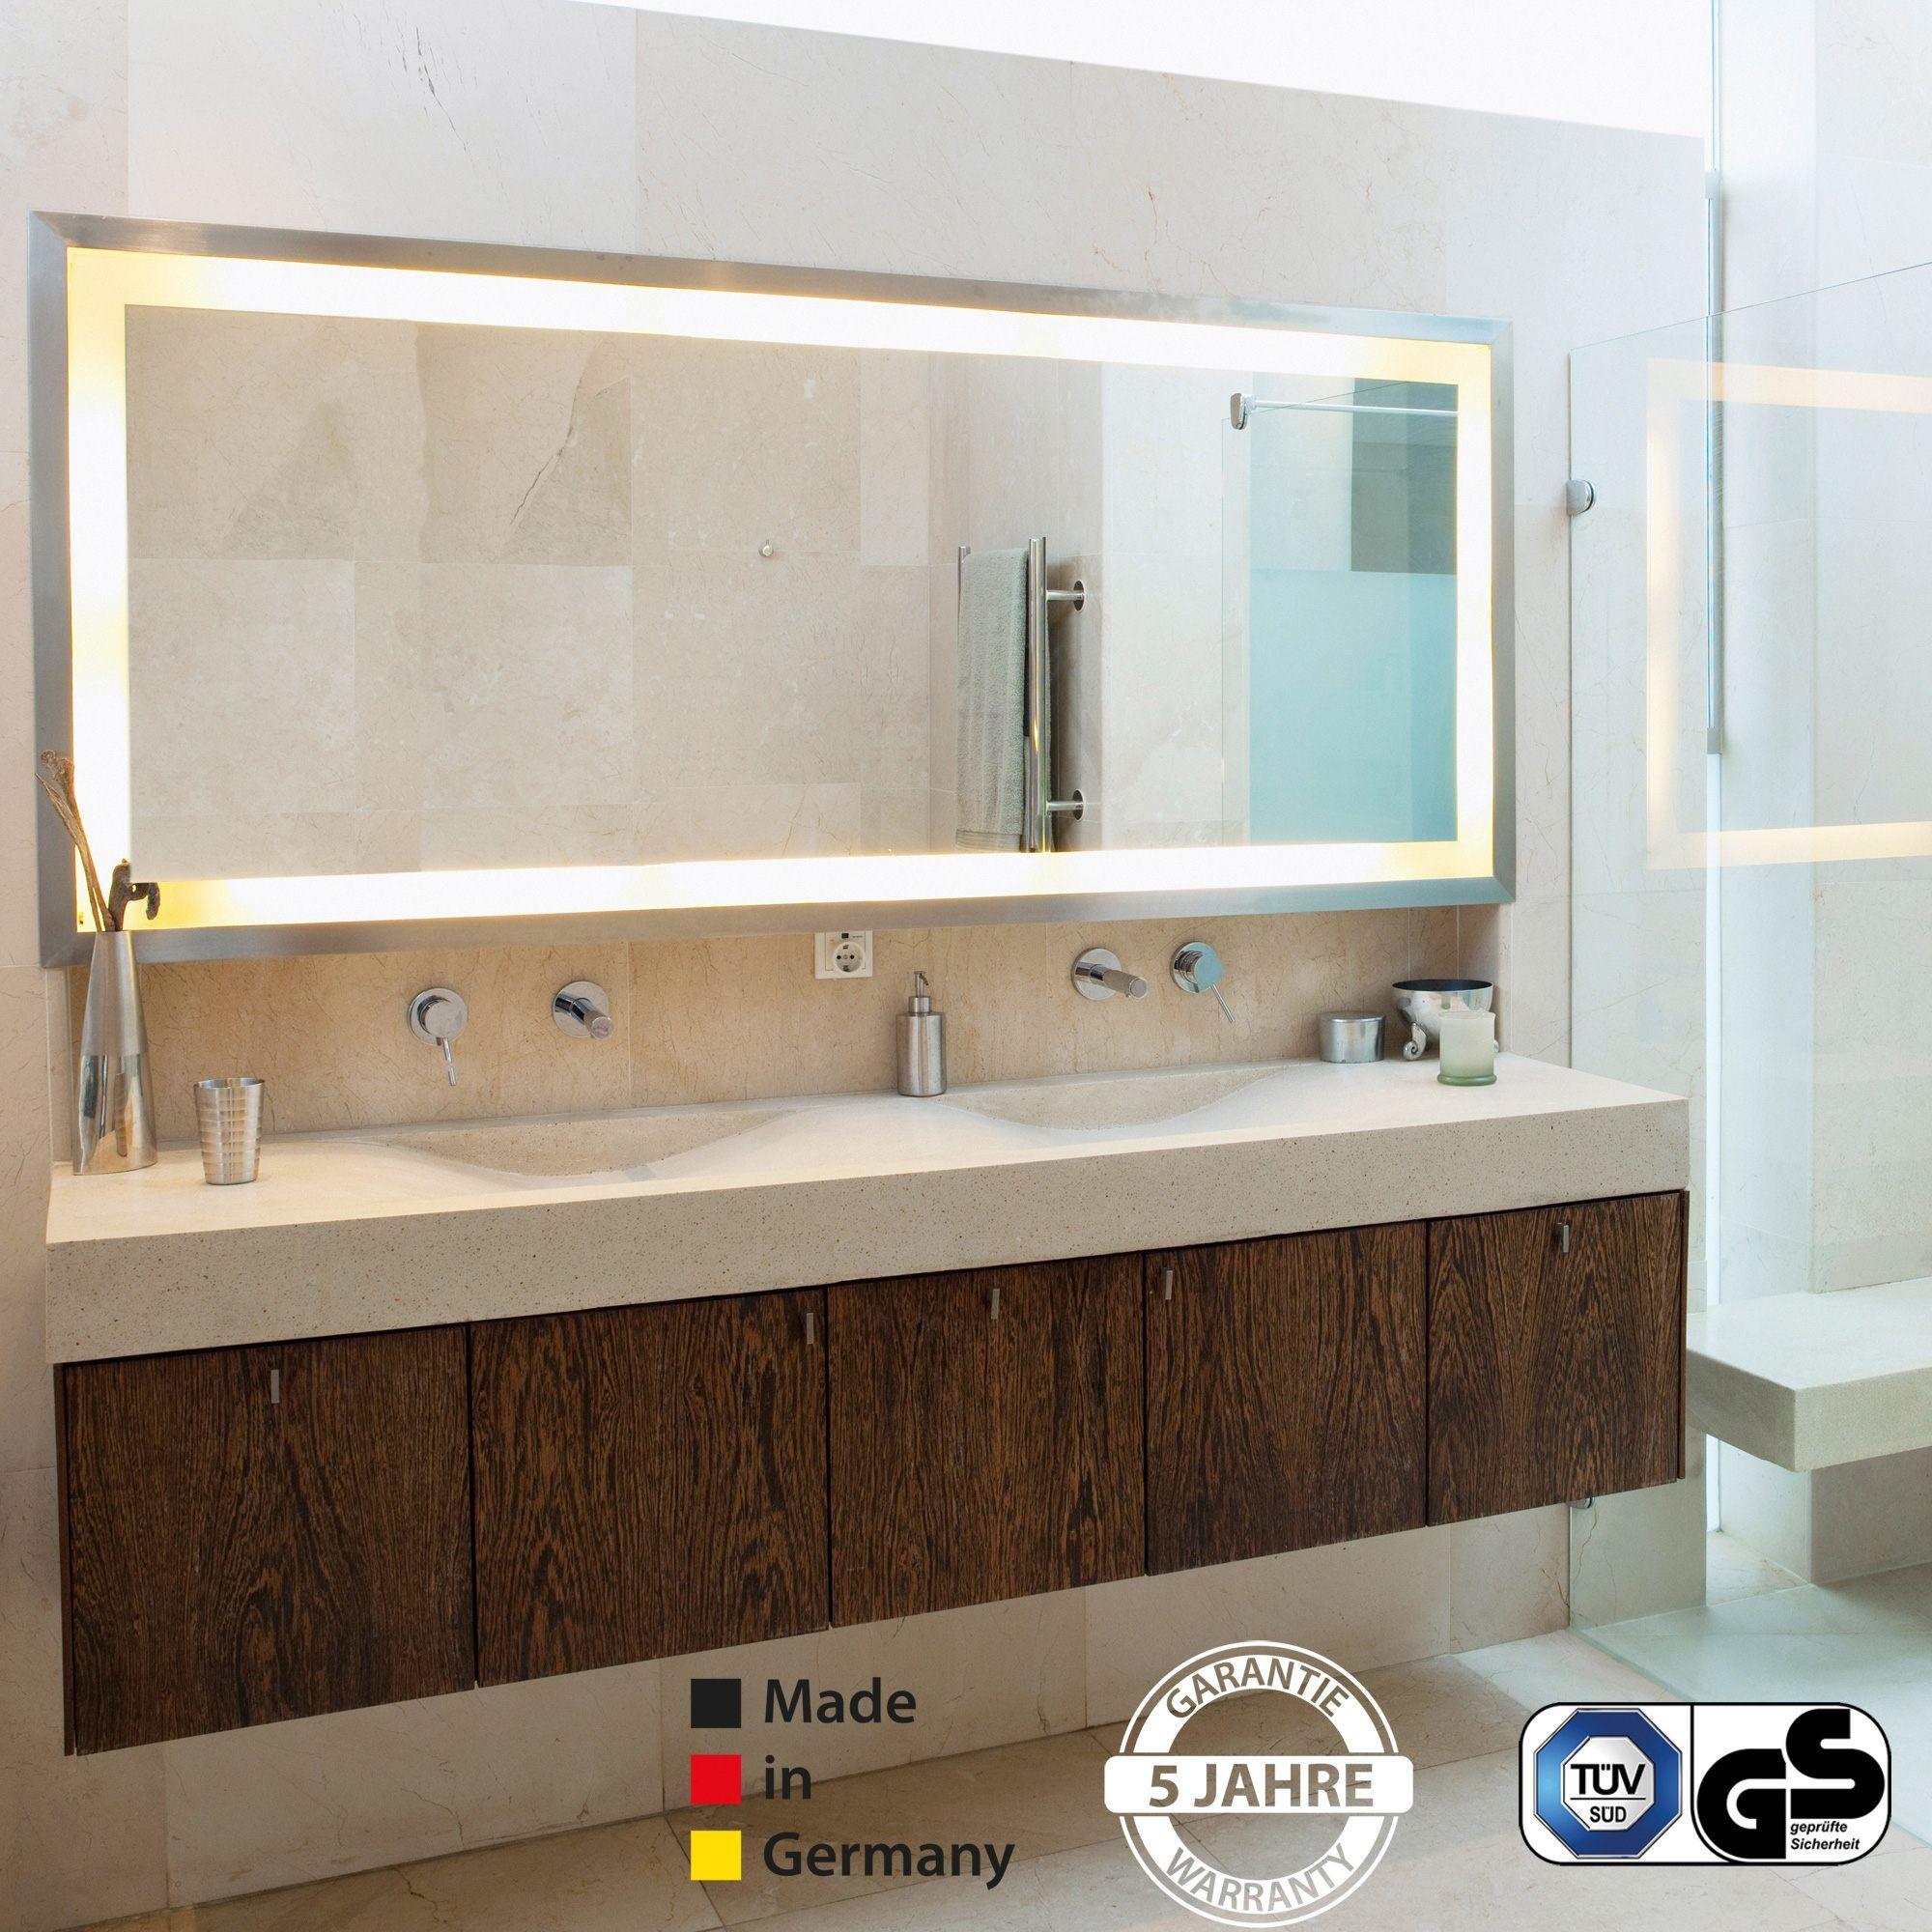 7 Neue Infrarot Spiegelheizung Mit Led Beleuchtung Manketech Gmbh Eintagamsee Bathroom Mirror Lighted Bathroom Mirror Bathroom Lighting